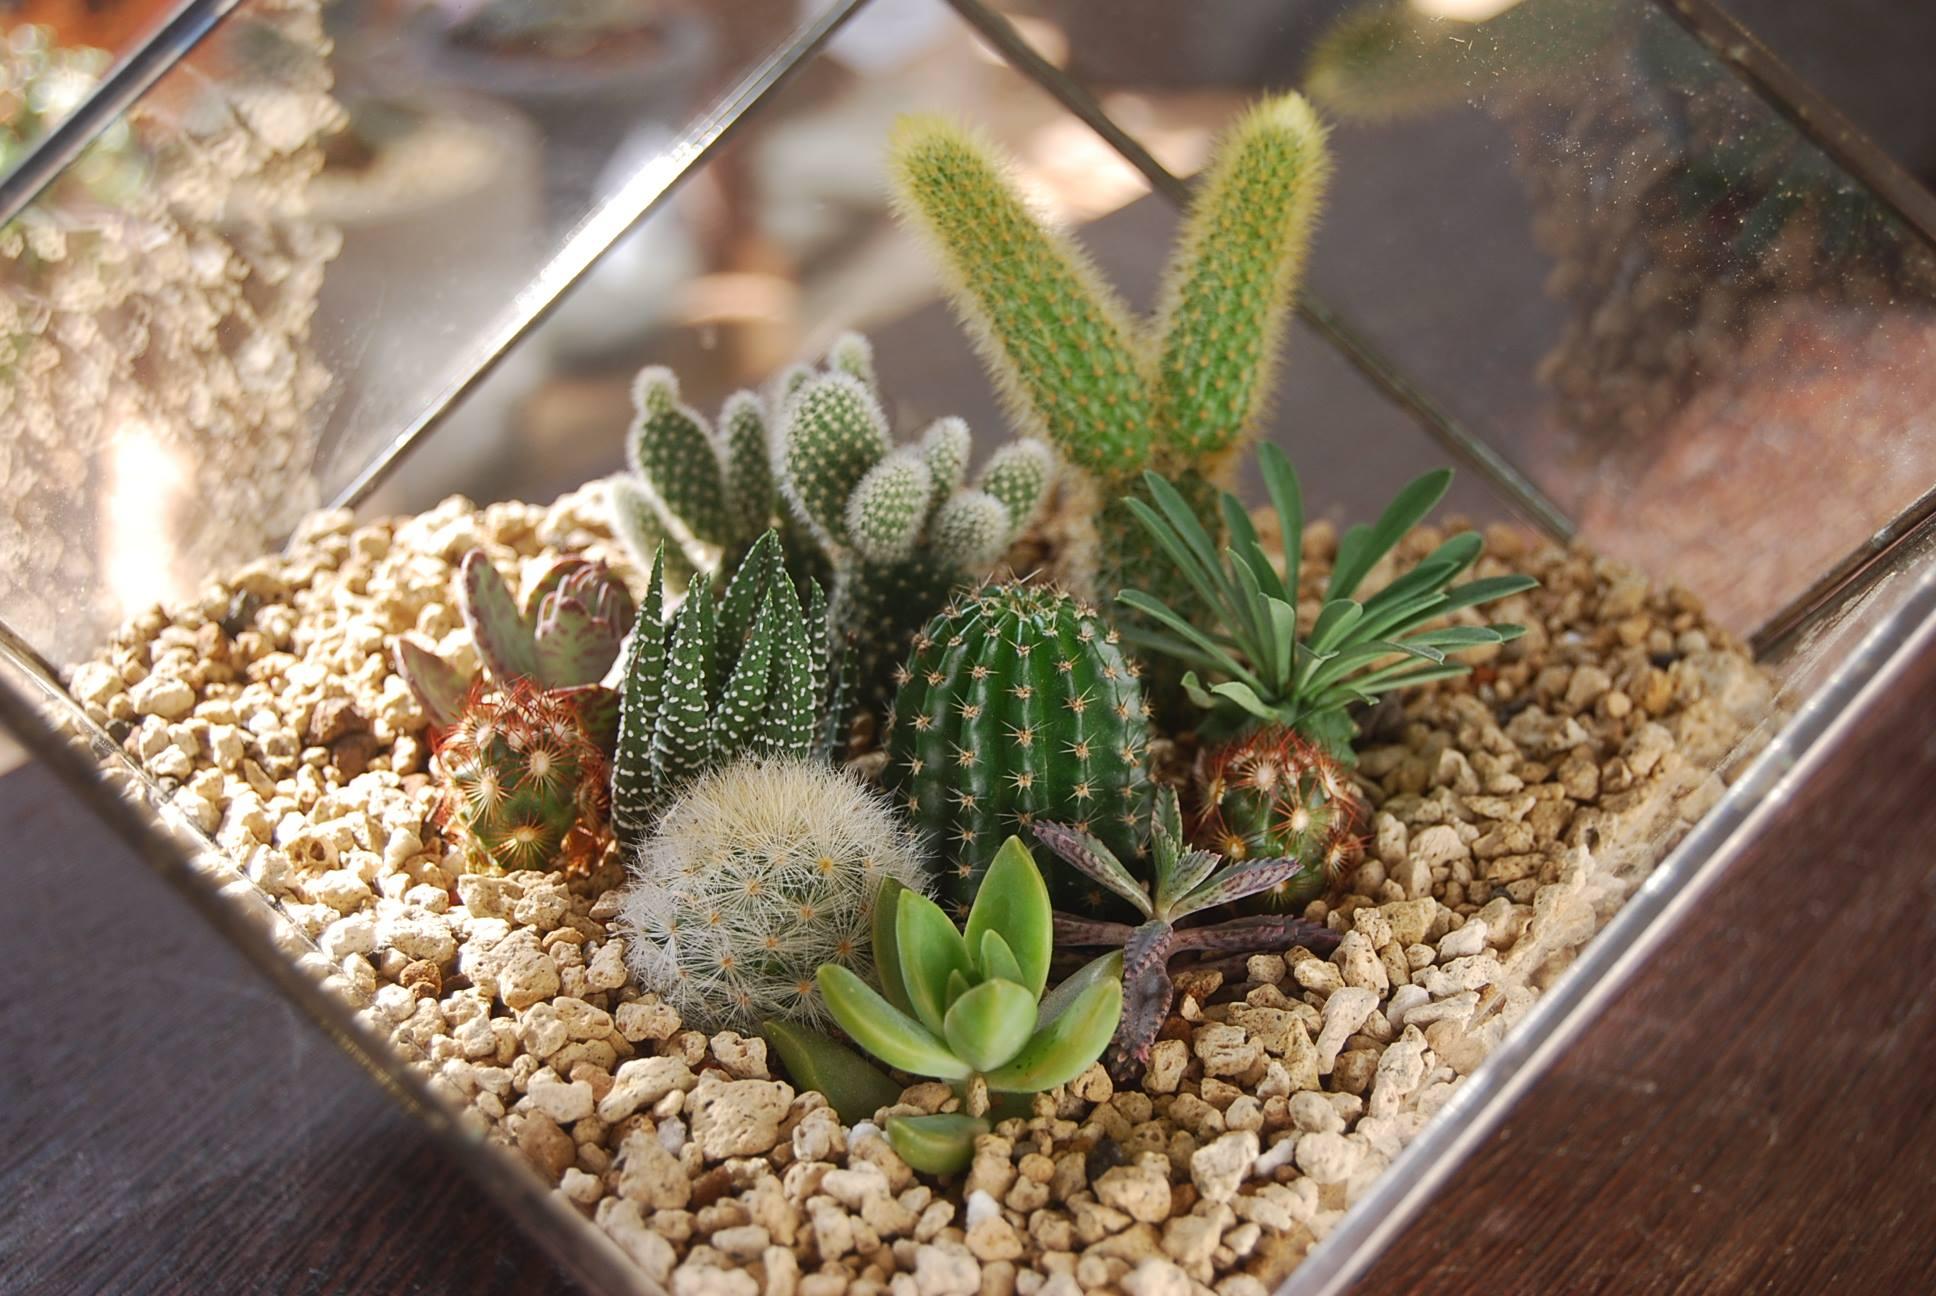 多肉植物組盆 四方形玻璃溫室 提拉米蘇組盆 開幕禮物